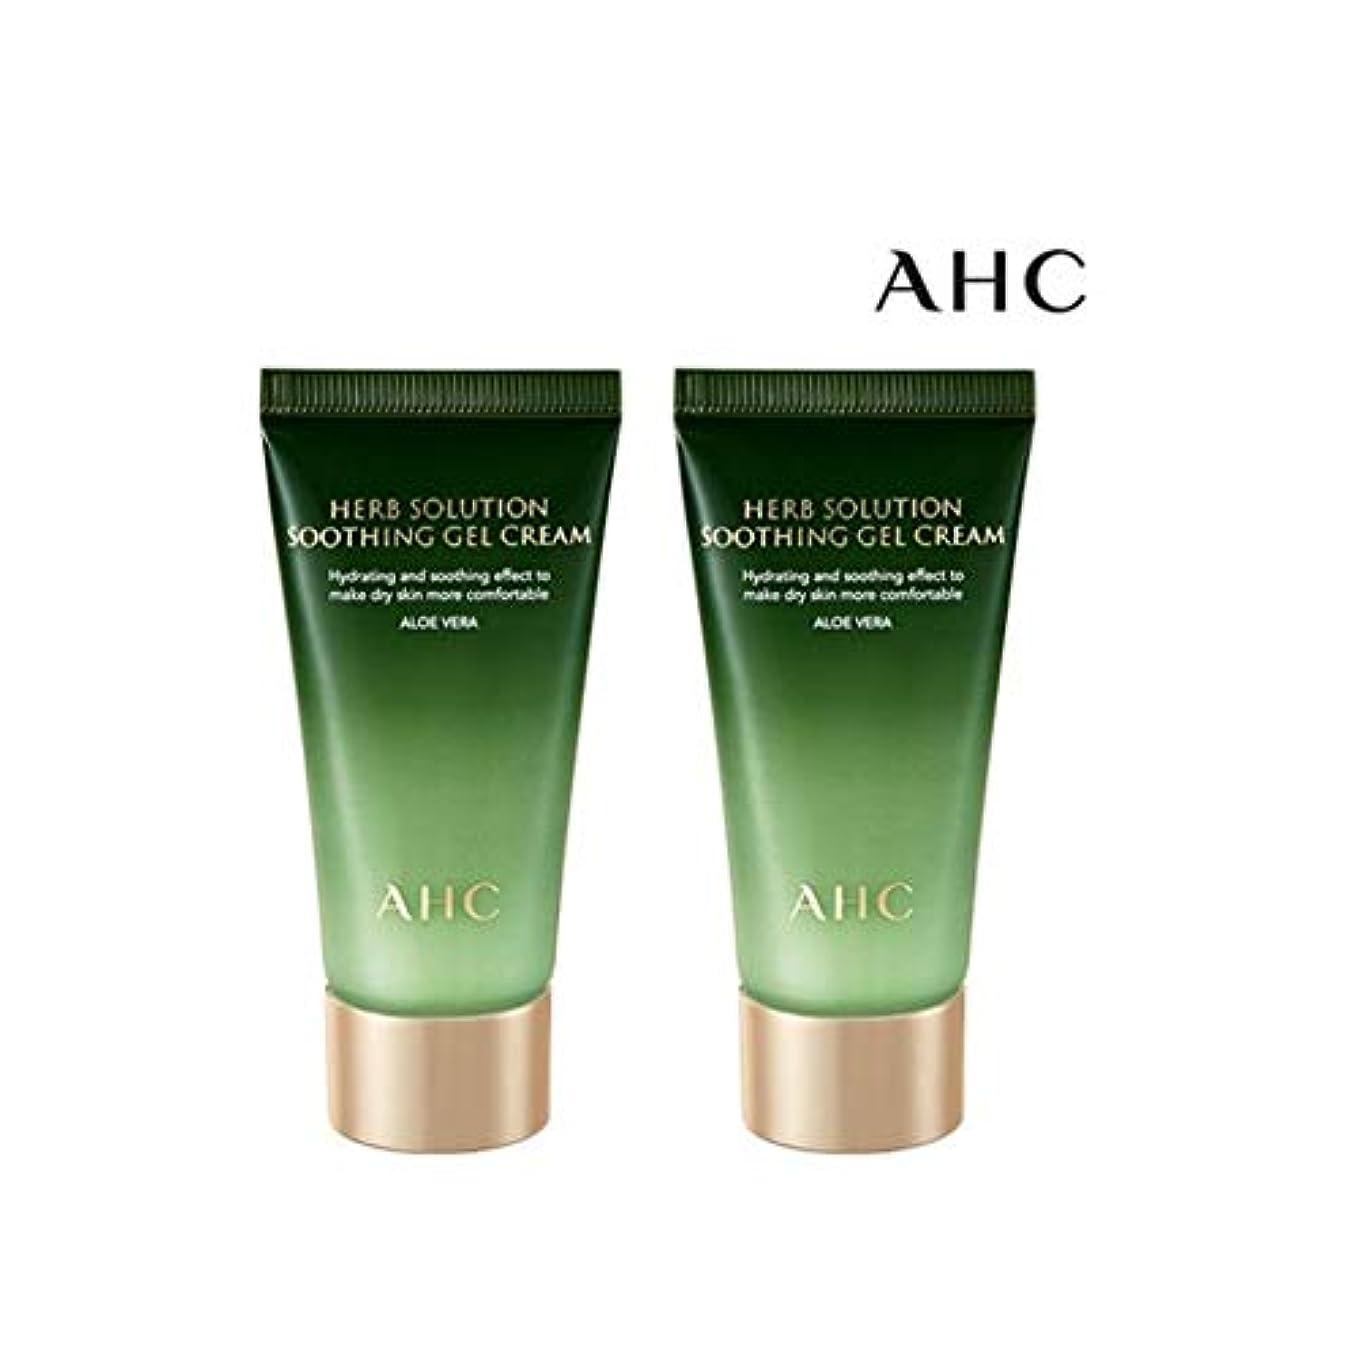 絵吹雪苦痛AHCハブソリューションアロエベラスージングジェルクリーム50mlx2本セット韓国コスメ、AHC Herb Solution Aloe Vera Soothing Gel Cream 50ml x 2ea Set Korean...